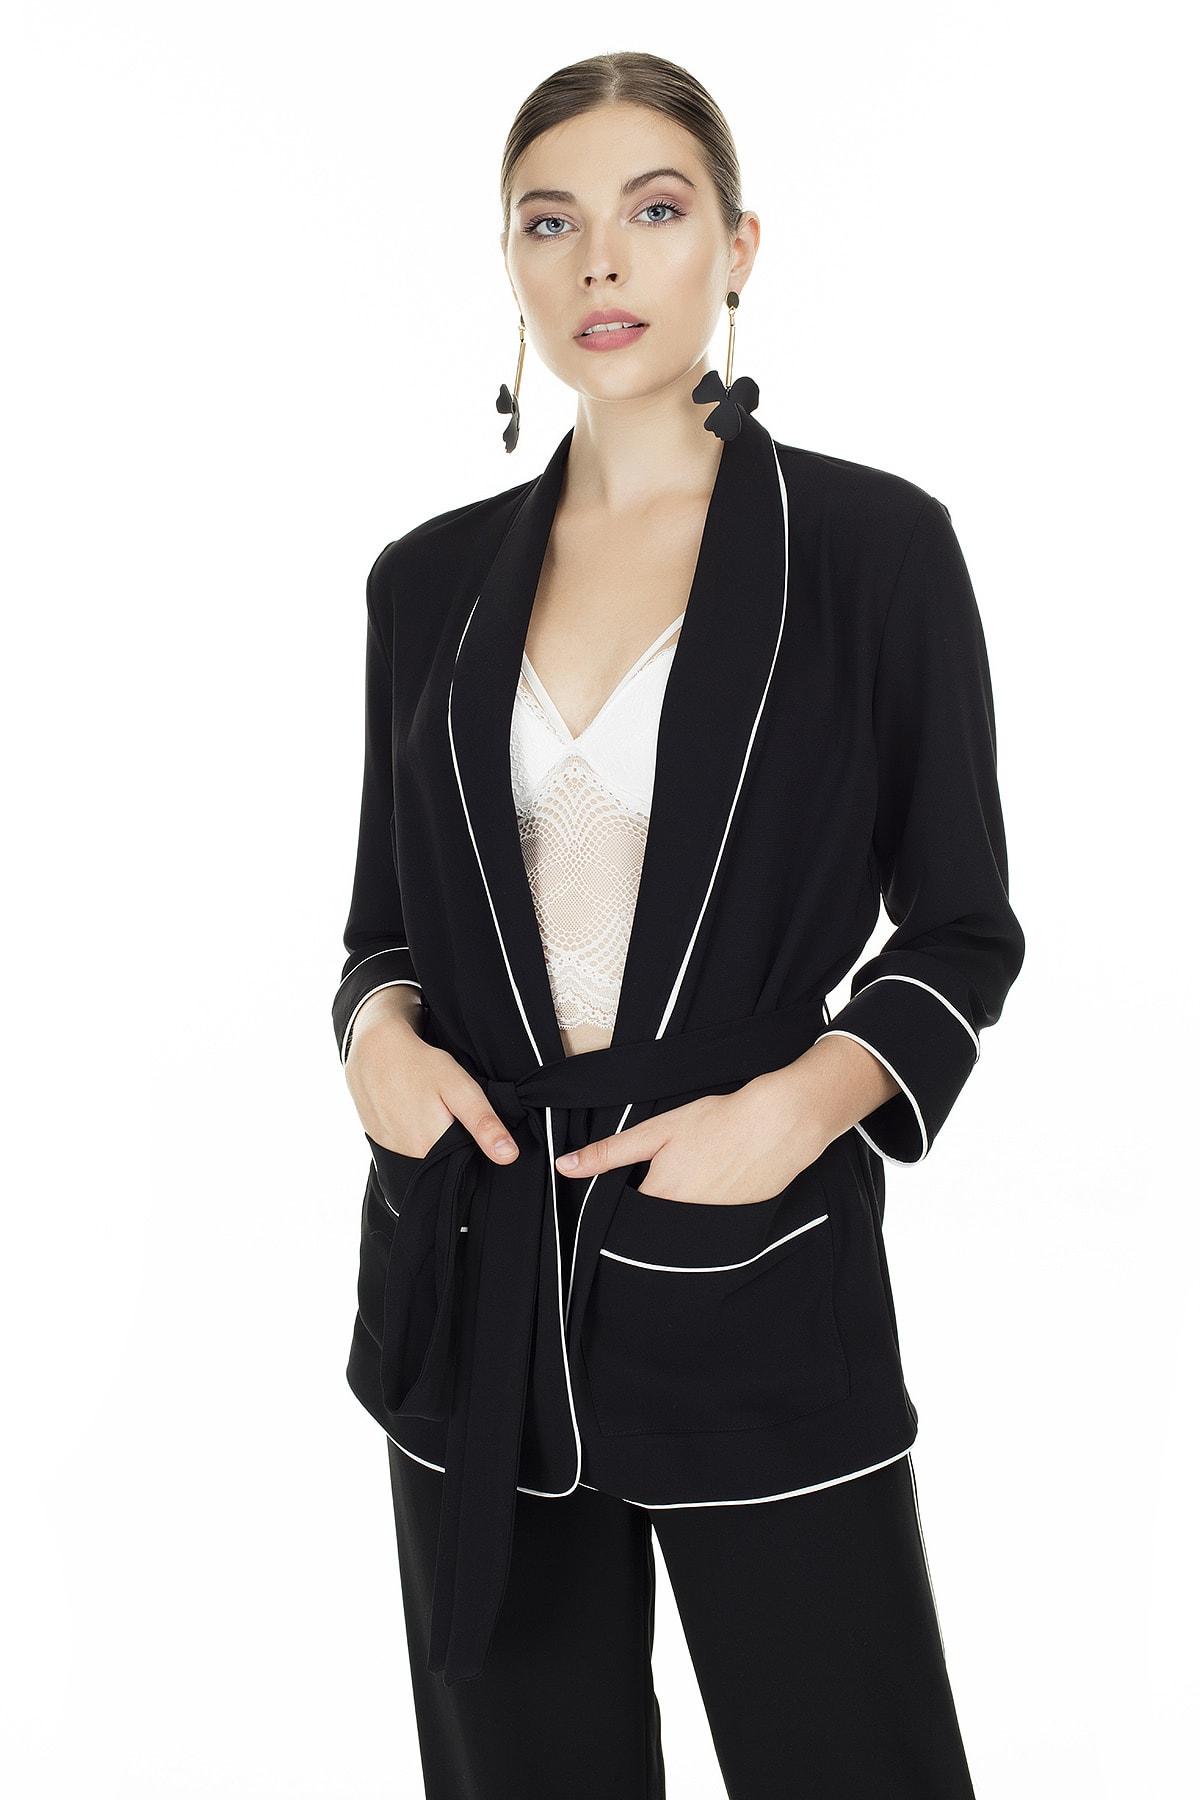 Ayhan Siyah Belden Bağlamalı Ceket Kadın Ceket 04690365